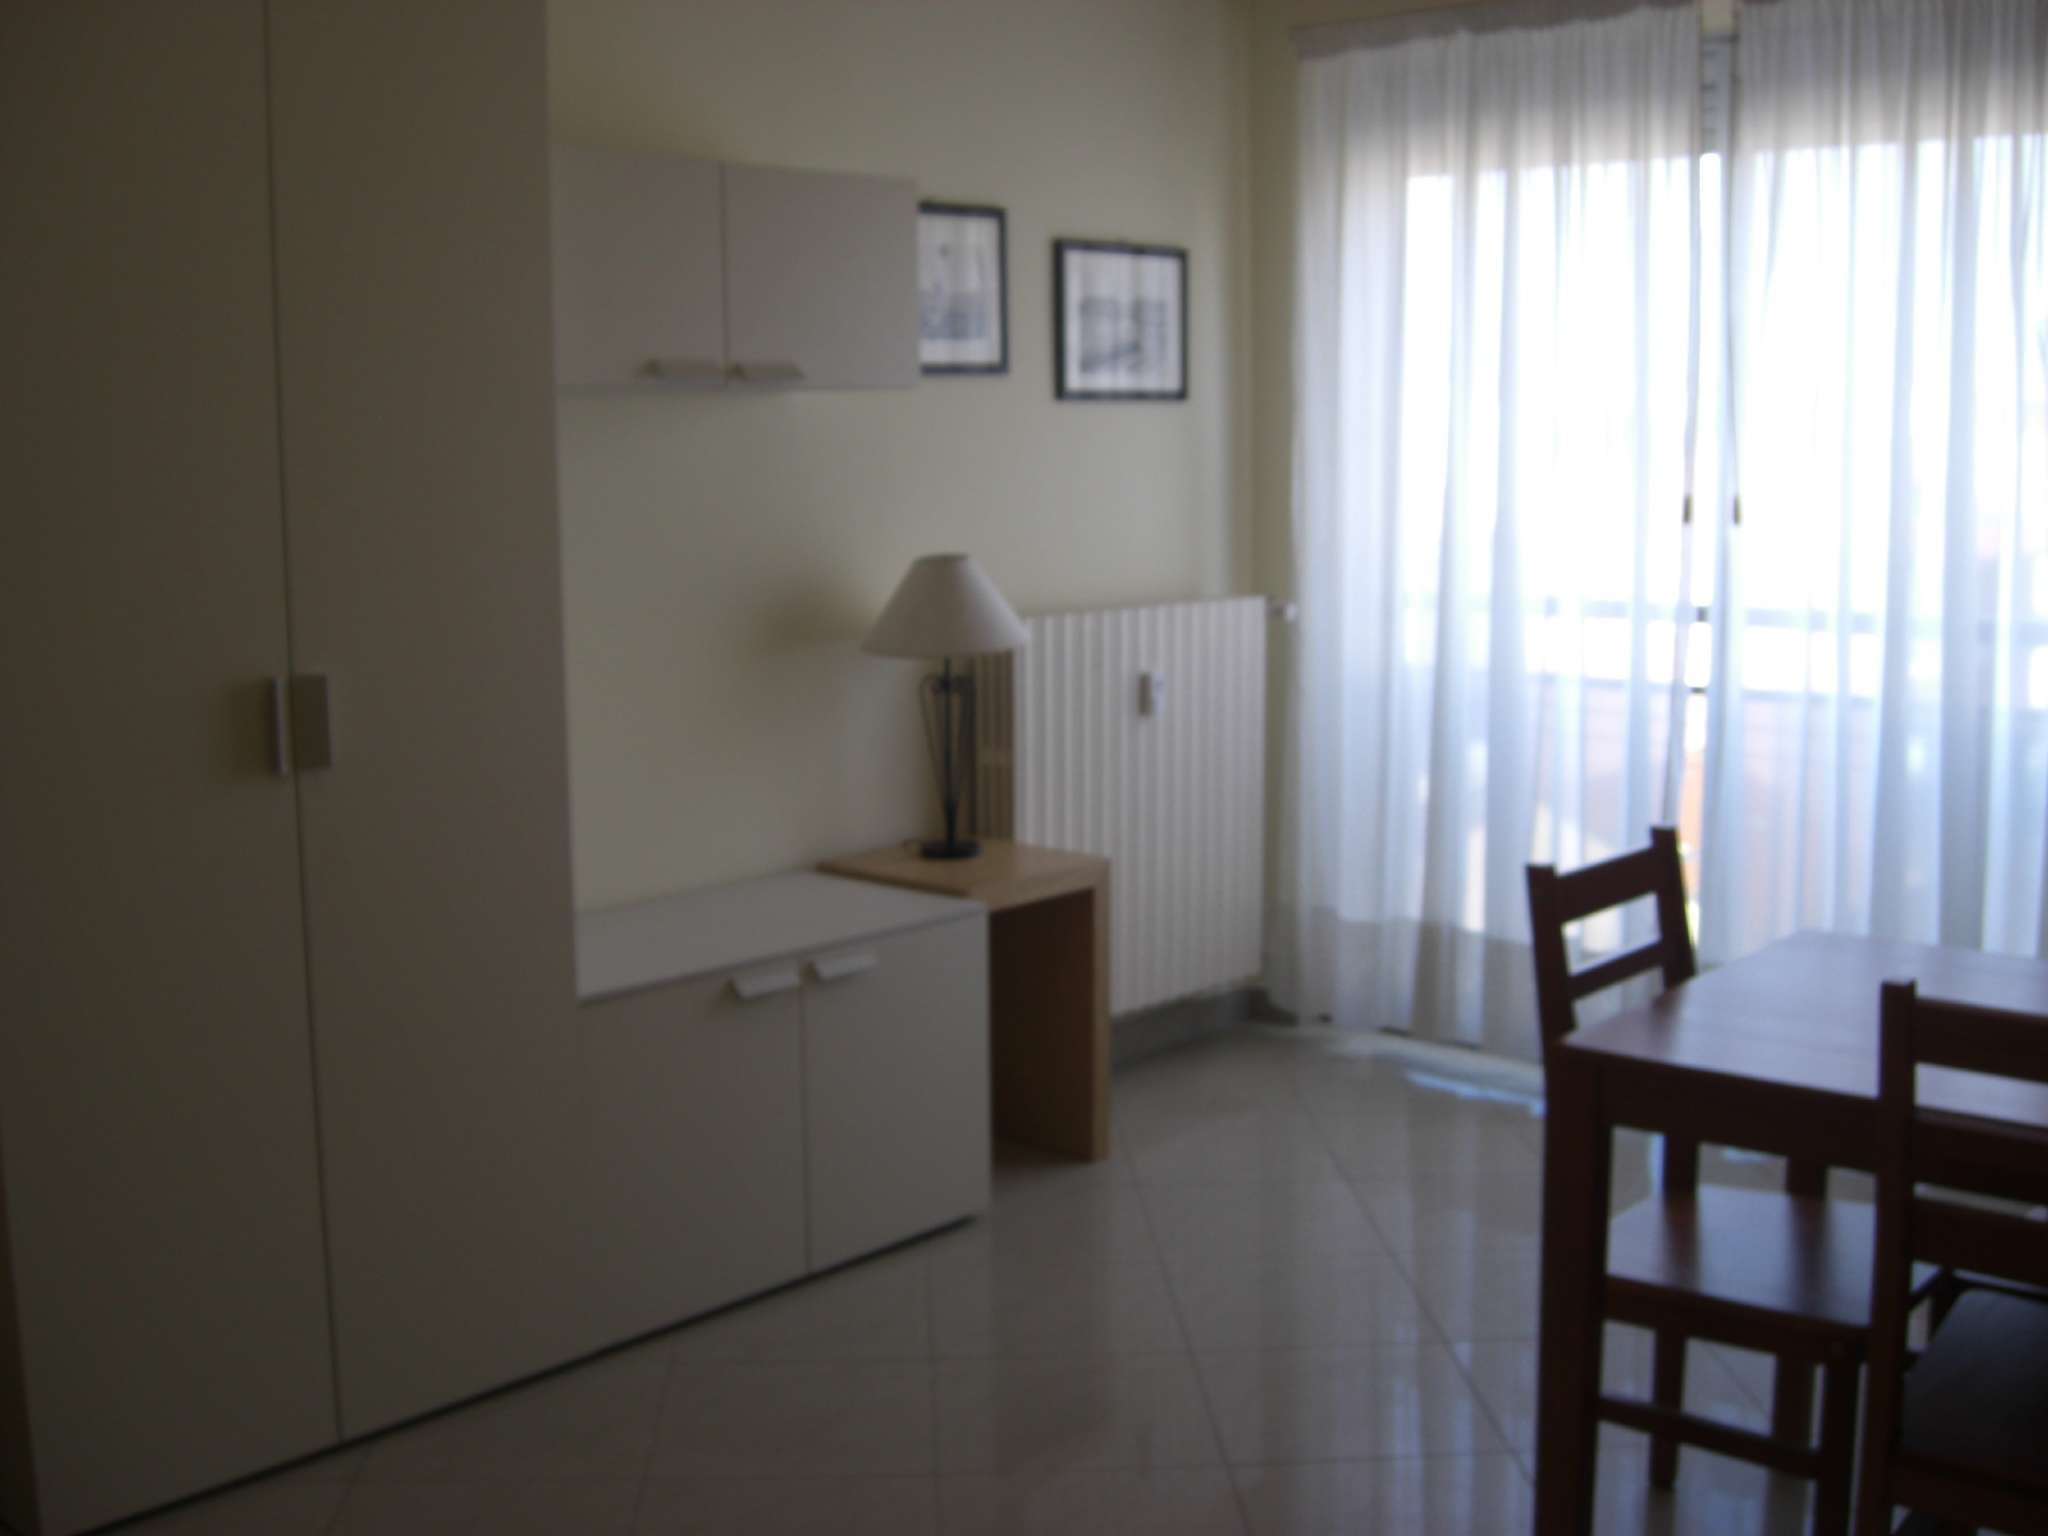 Appartamento in affitto a Torino, 1 locali, zona Mirafiori, Centro Europa, Città Giardino, prezzo € 350 | PortaleAgenzieImmobiliari.it